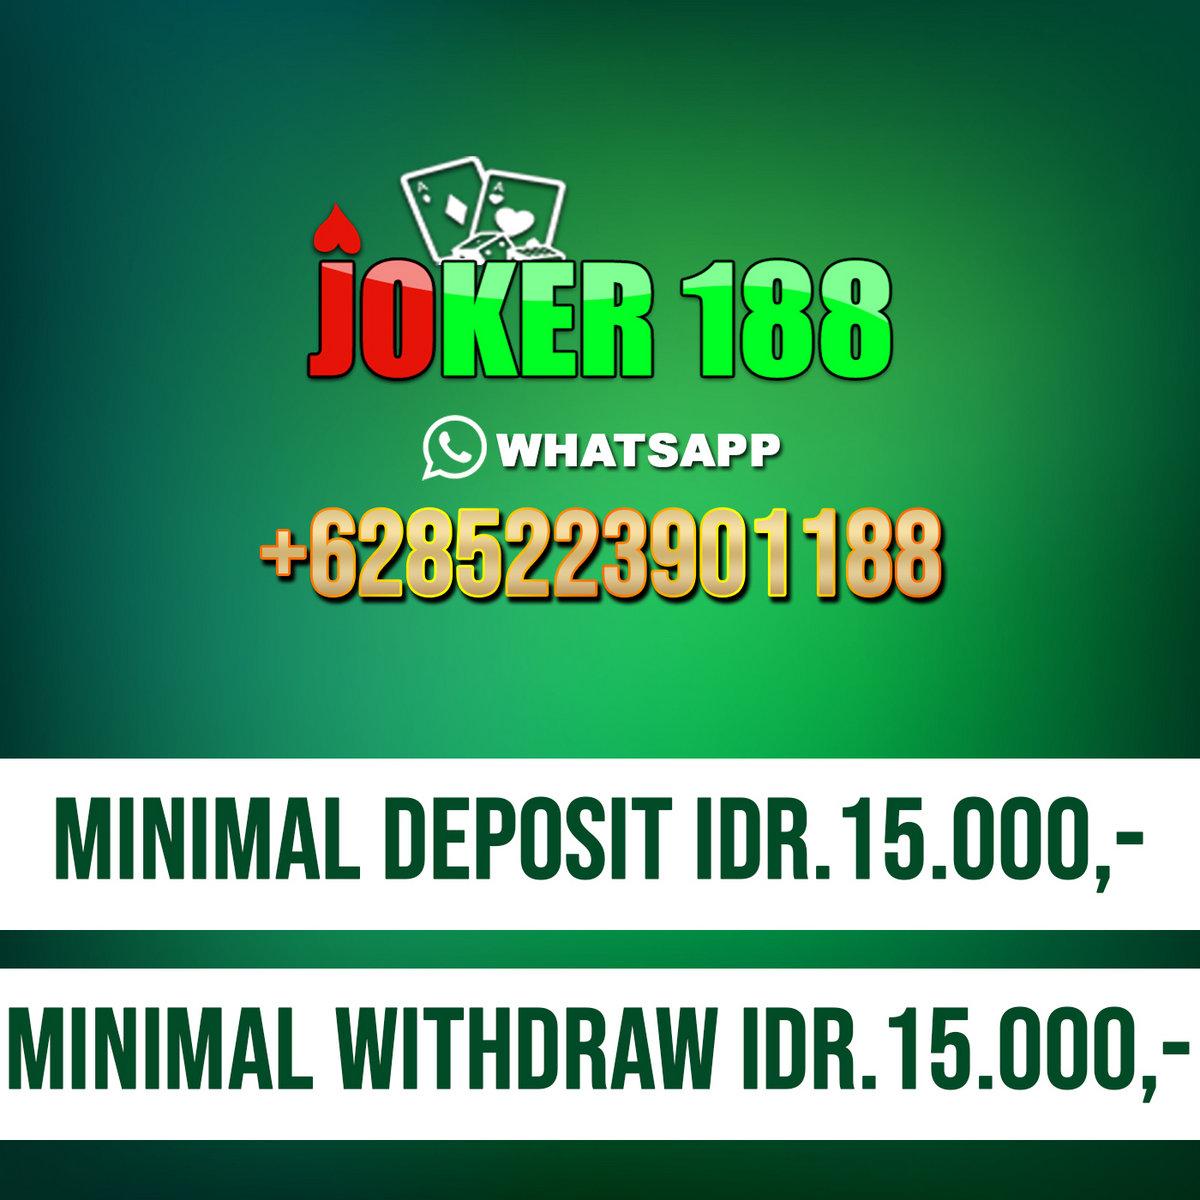 Joker188 Situs Judi Slot Online Joker388 Sky777 Live22 Slot Online Judi Mesin Slot Online Slot Jackpot Online Slot Online